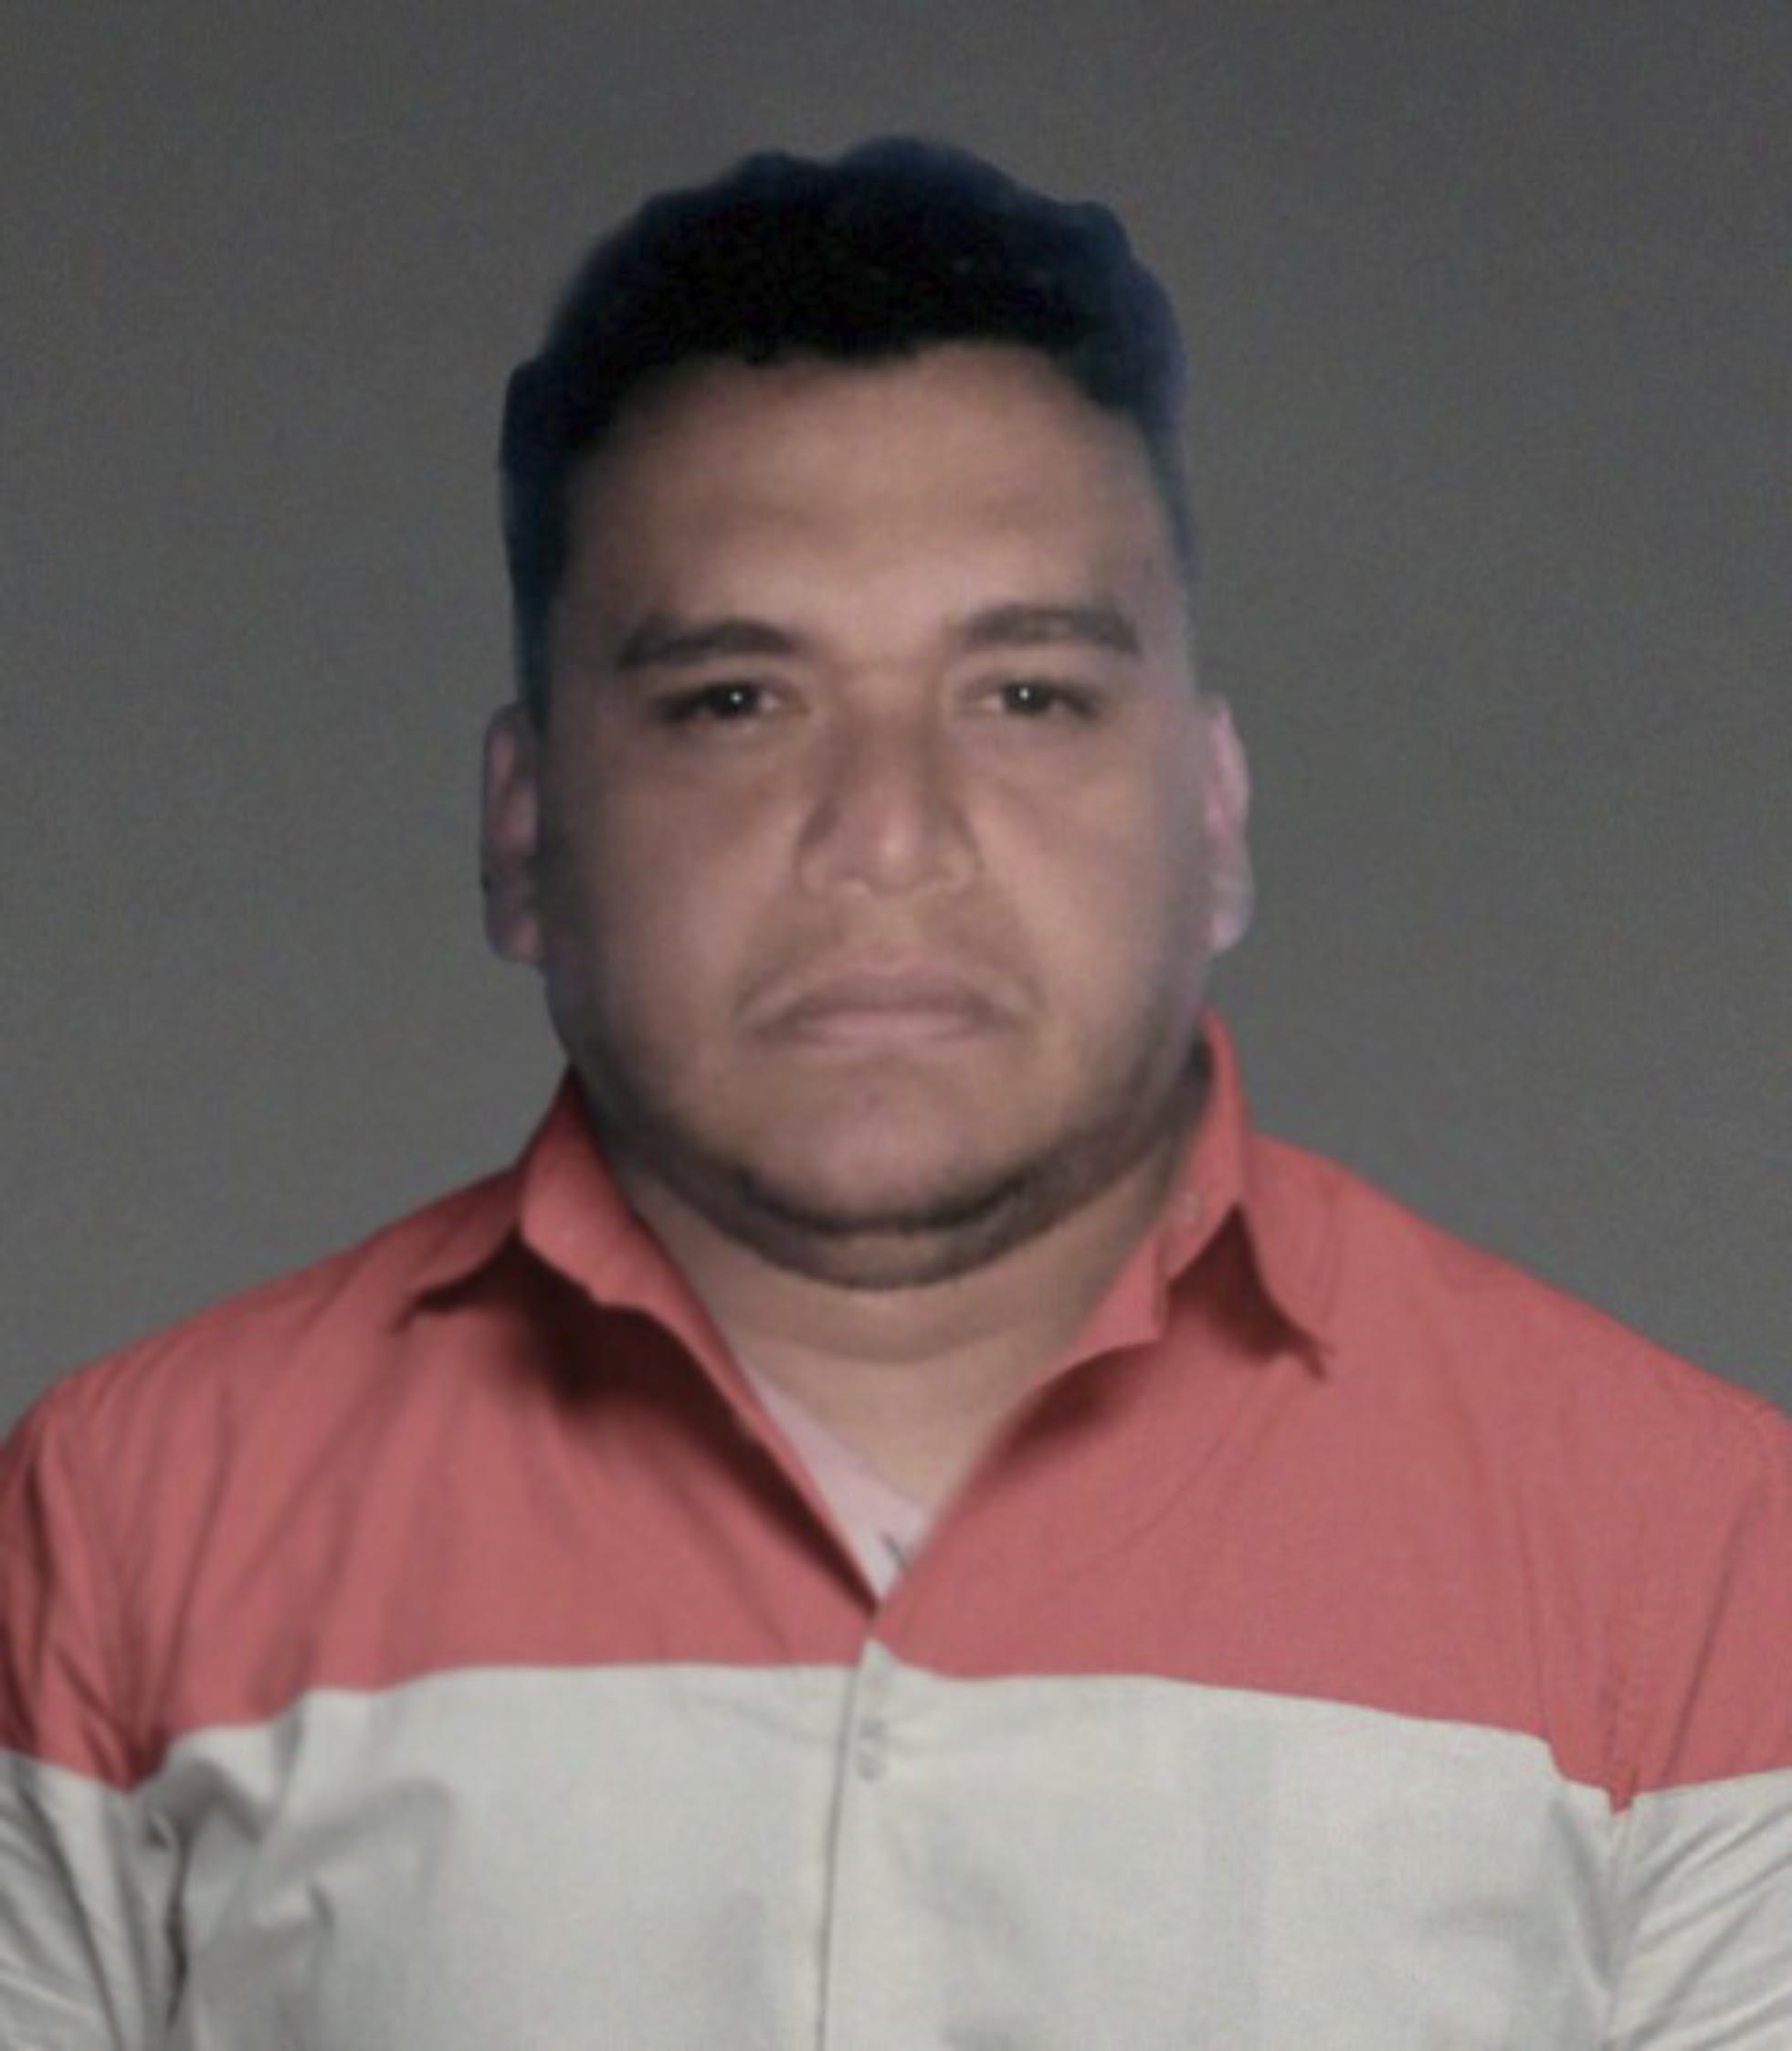 Registro policial de Digno tras ser capturado.